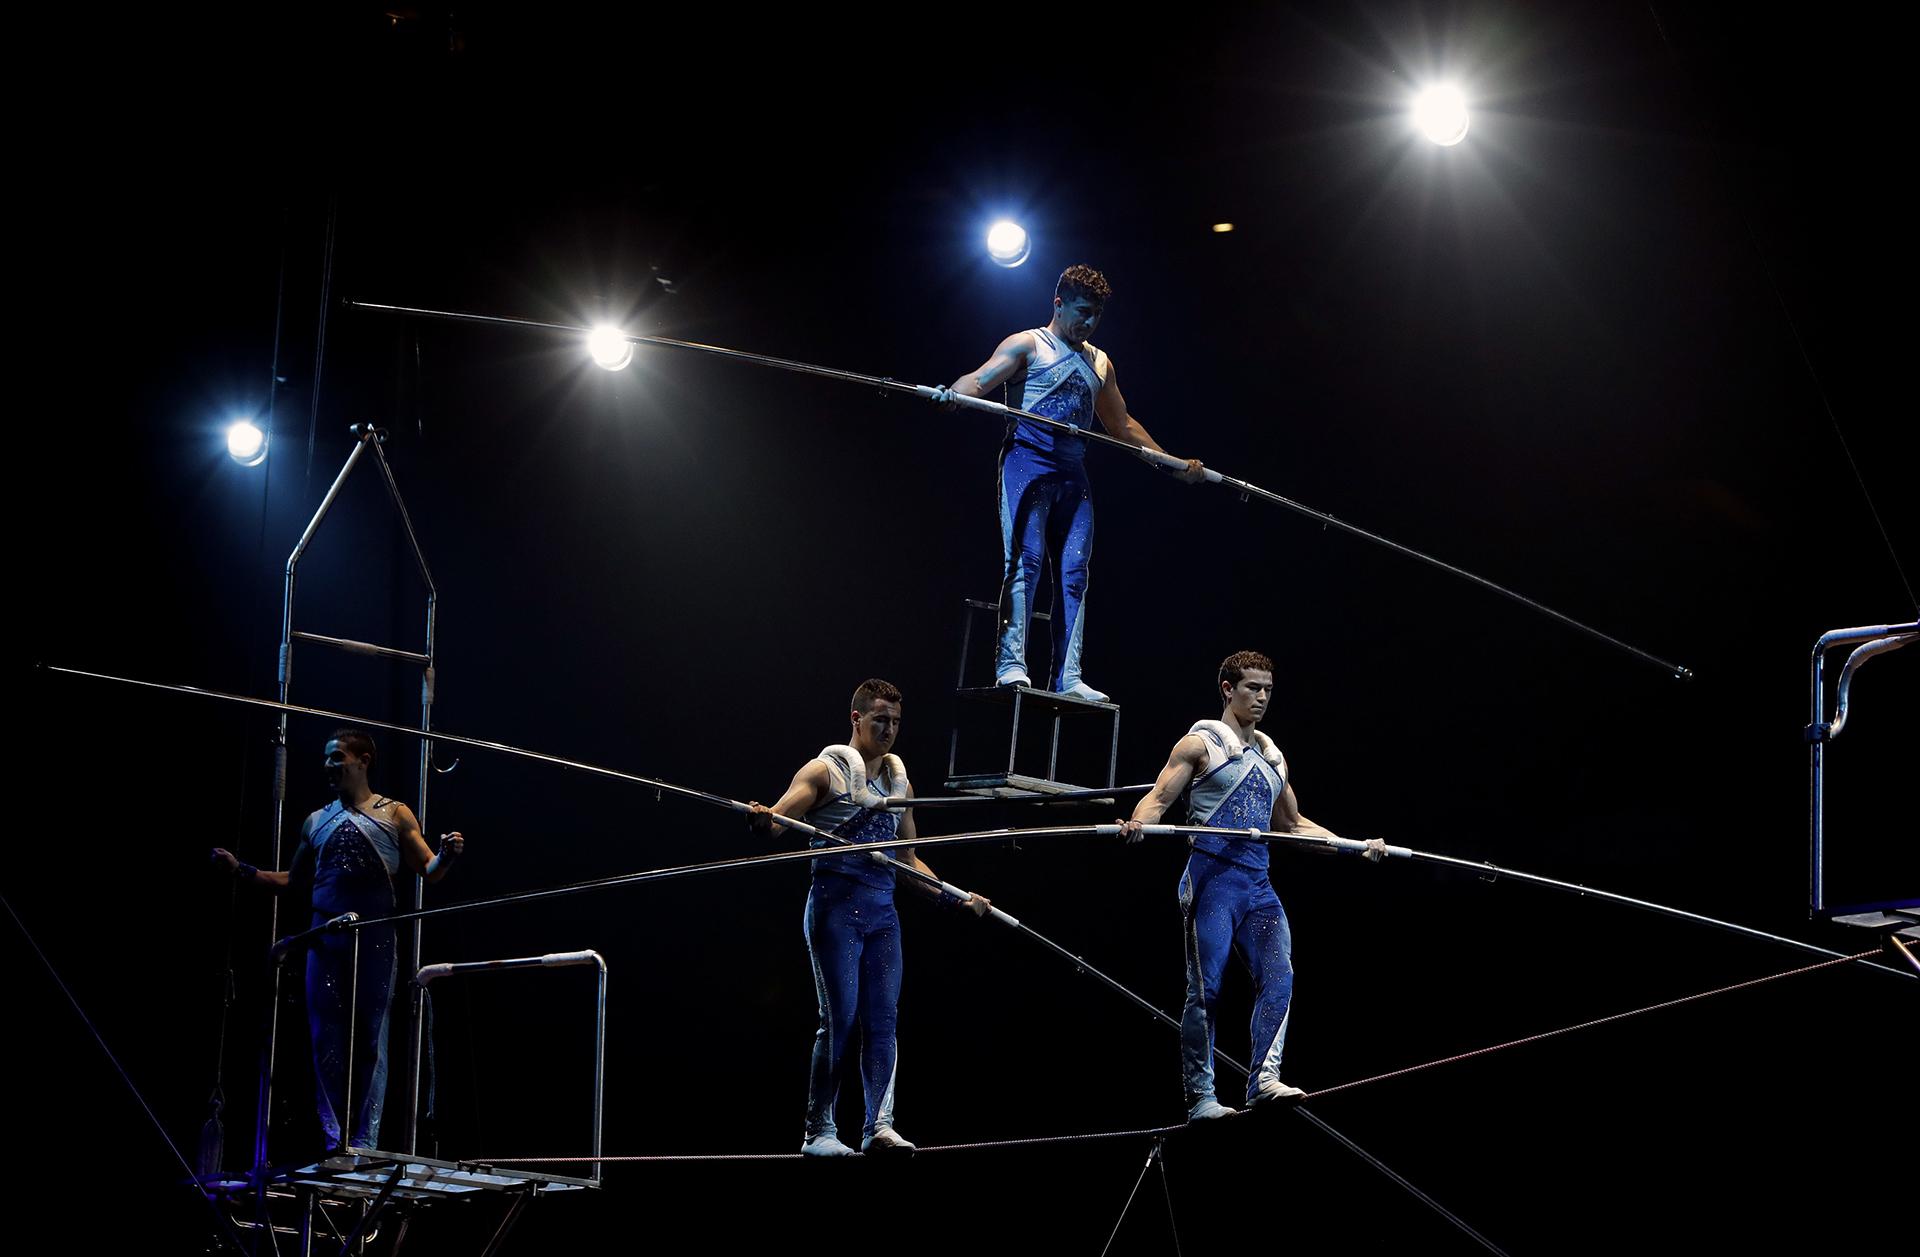 El circo fue el espectáculo más popular en Estados Unidos durante gran parte del siglo XIX y XX, pero comenzó a decaer en los últimos 50 años (AP)